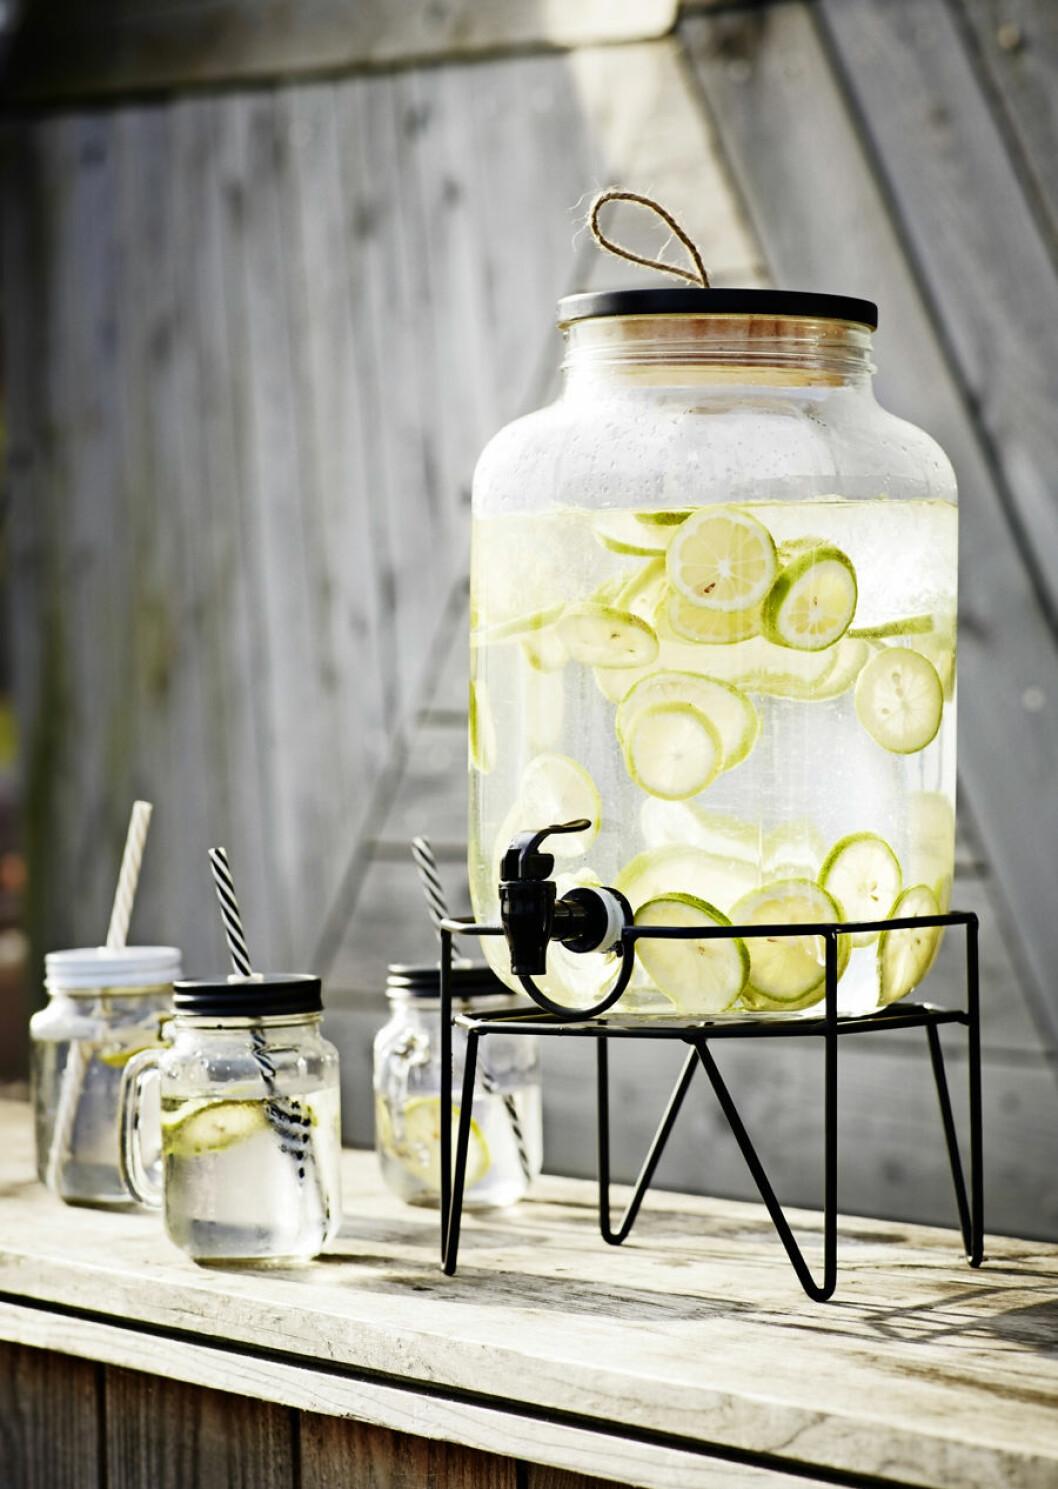 Glasdunk med limevatten i